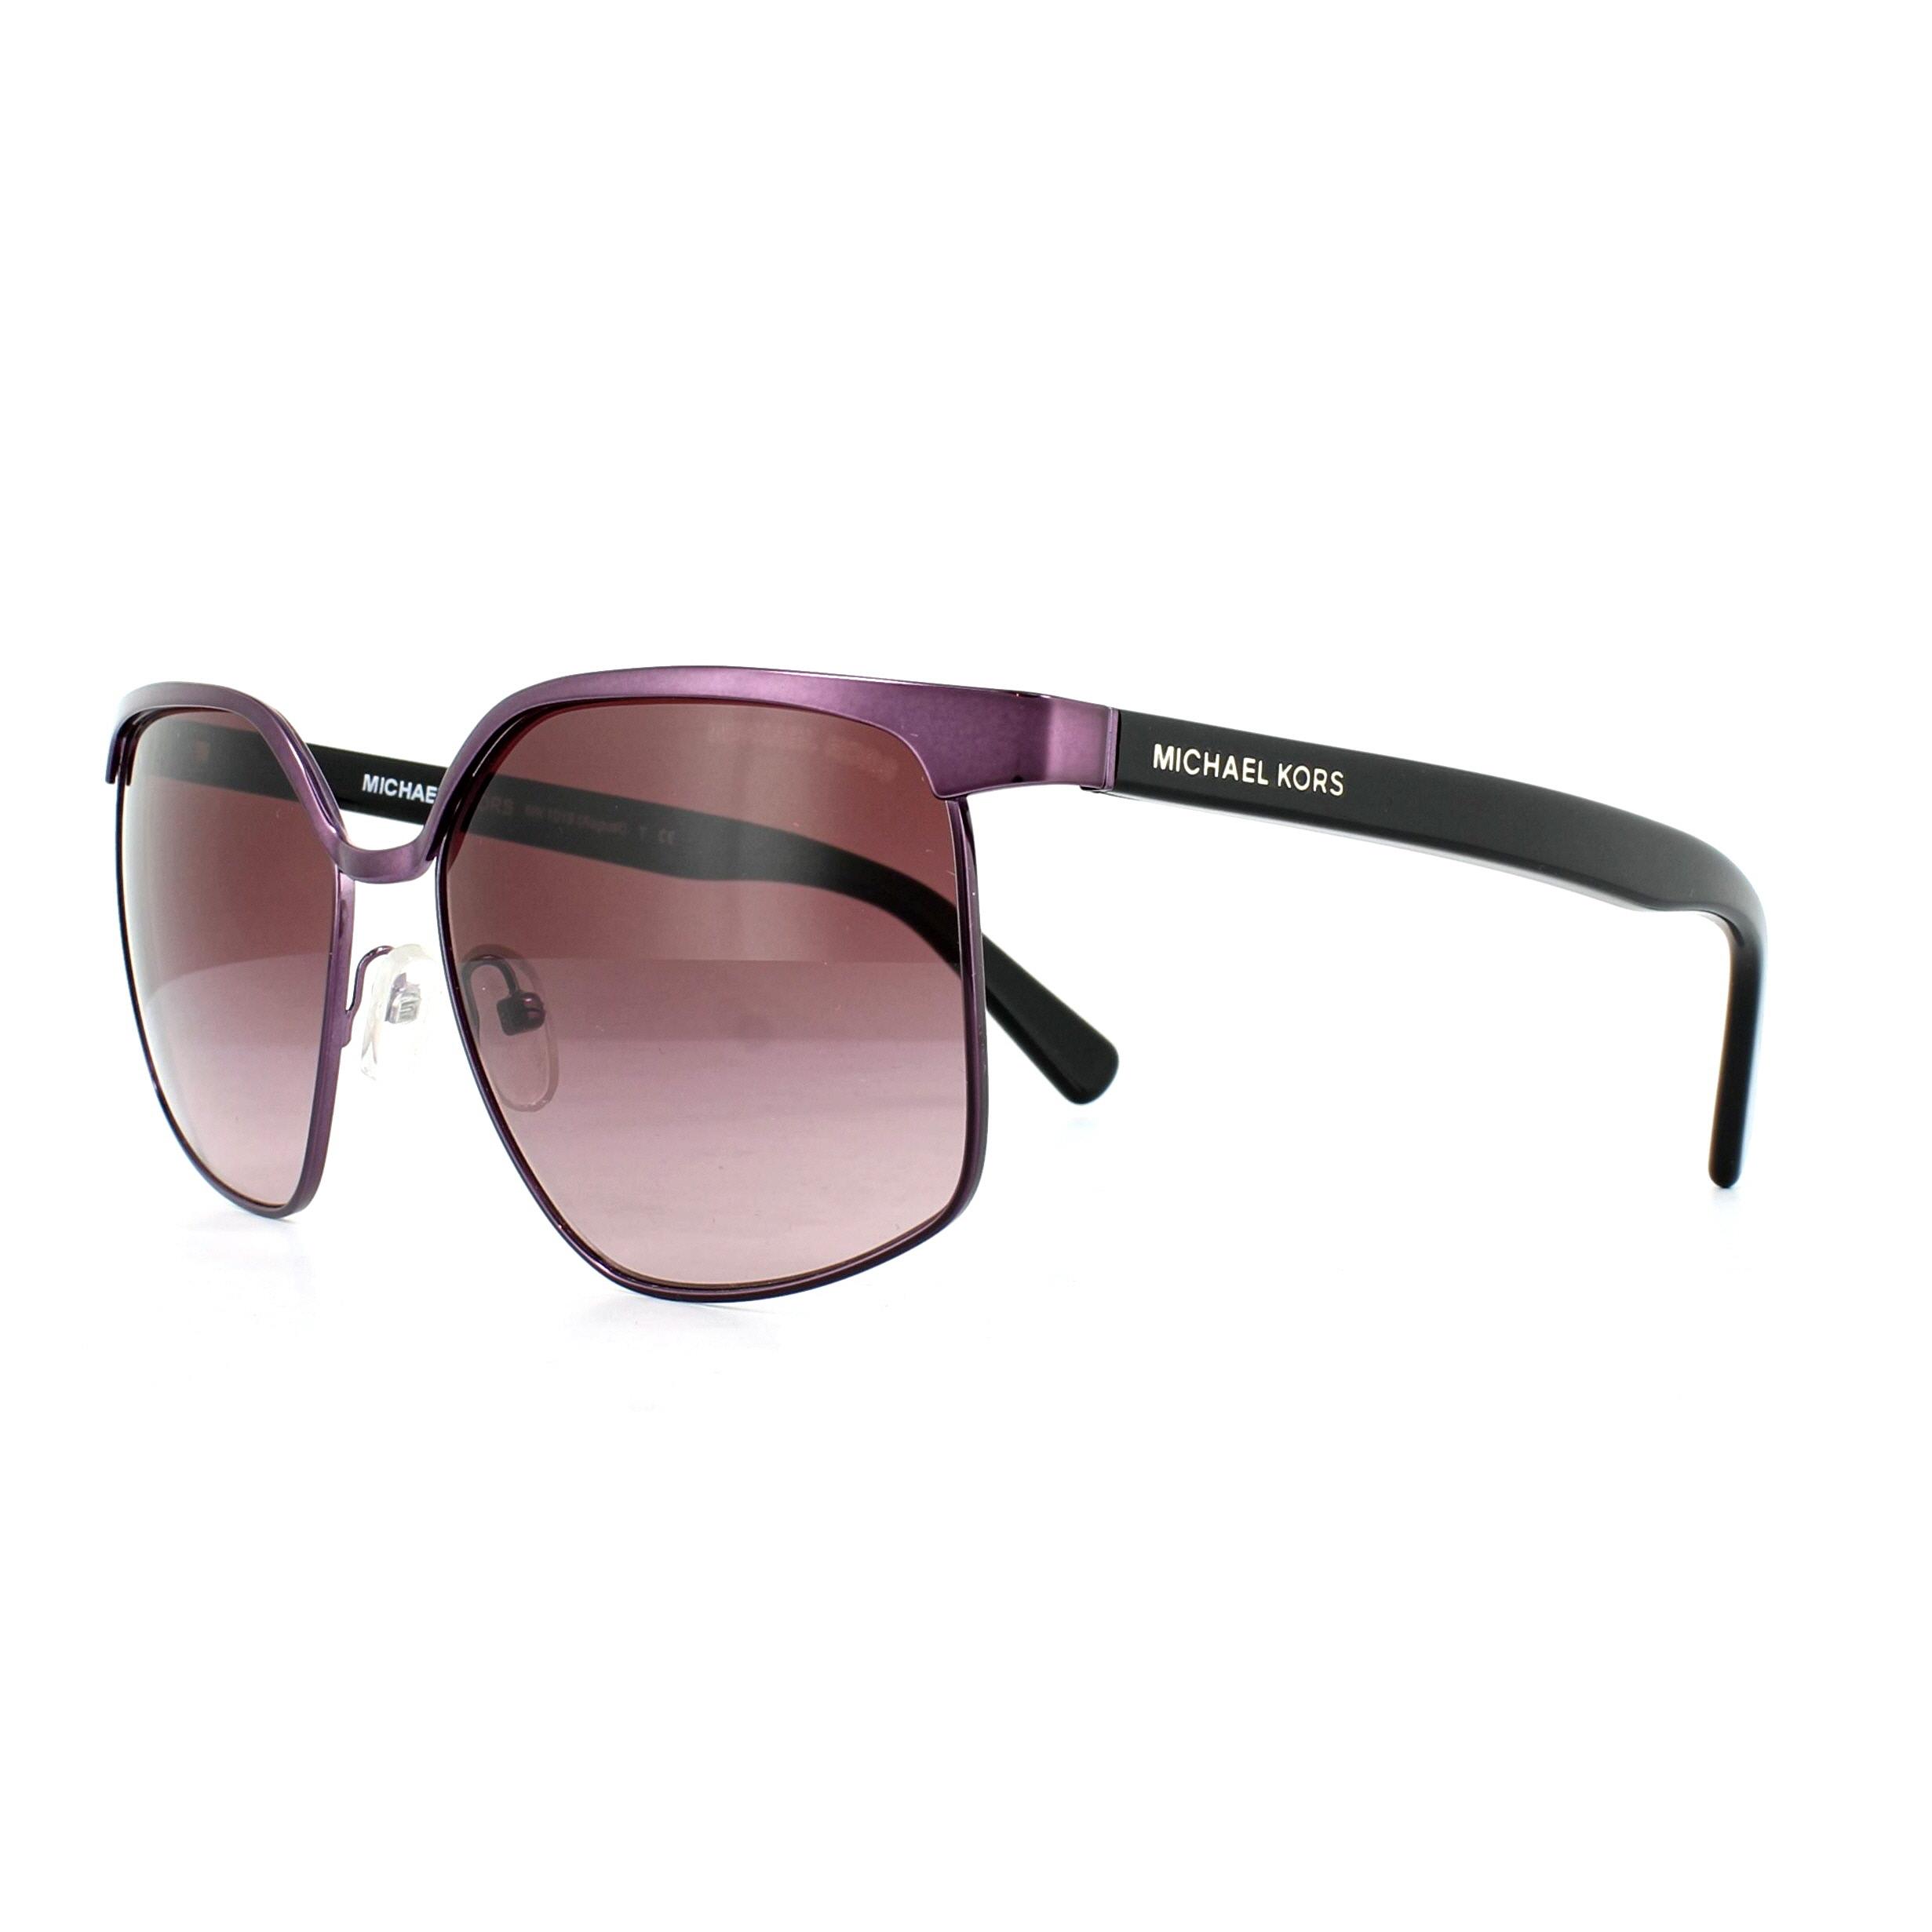 2899d3a94e1de Sentinel Michael Kors Sunglasses August 1018 11438H Plum Burgundy Gradient